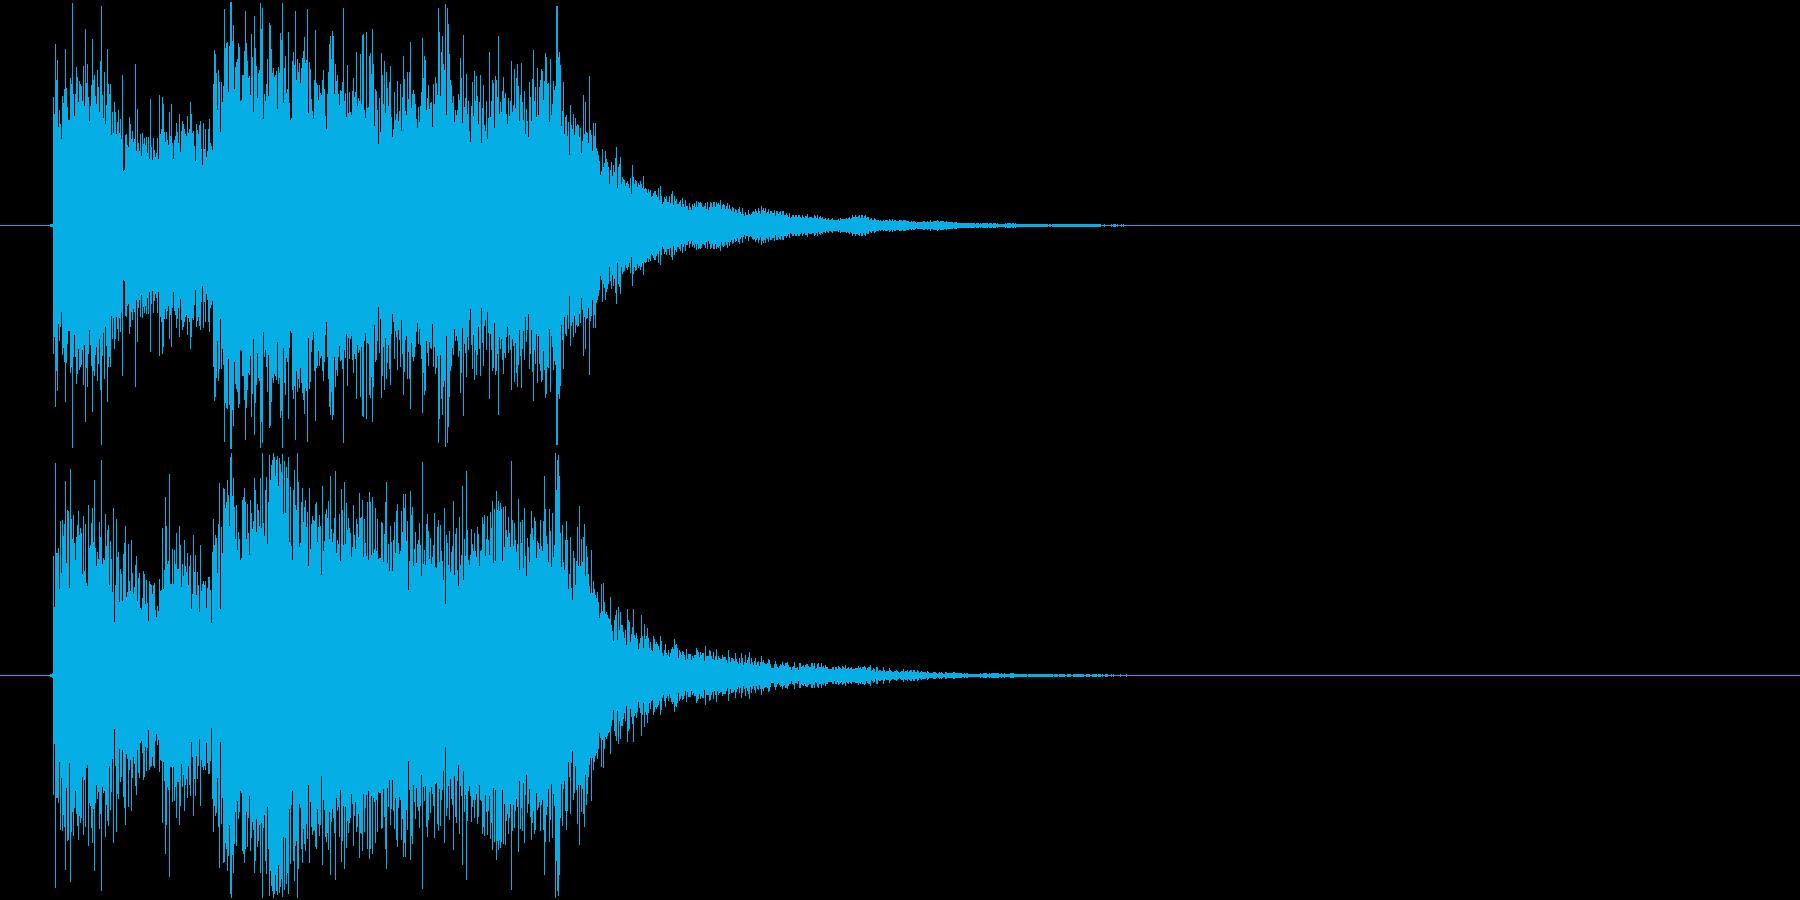 結果発表!なファンファーレの再生済みの波形